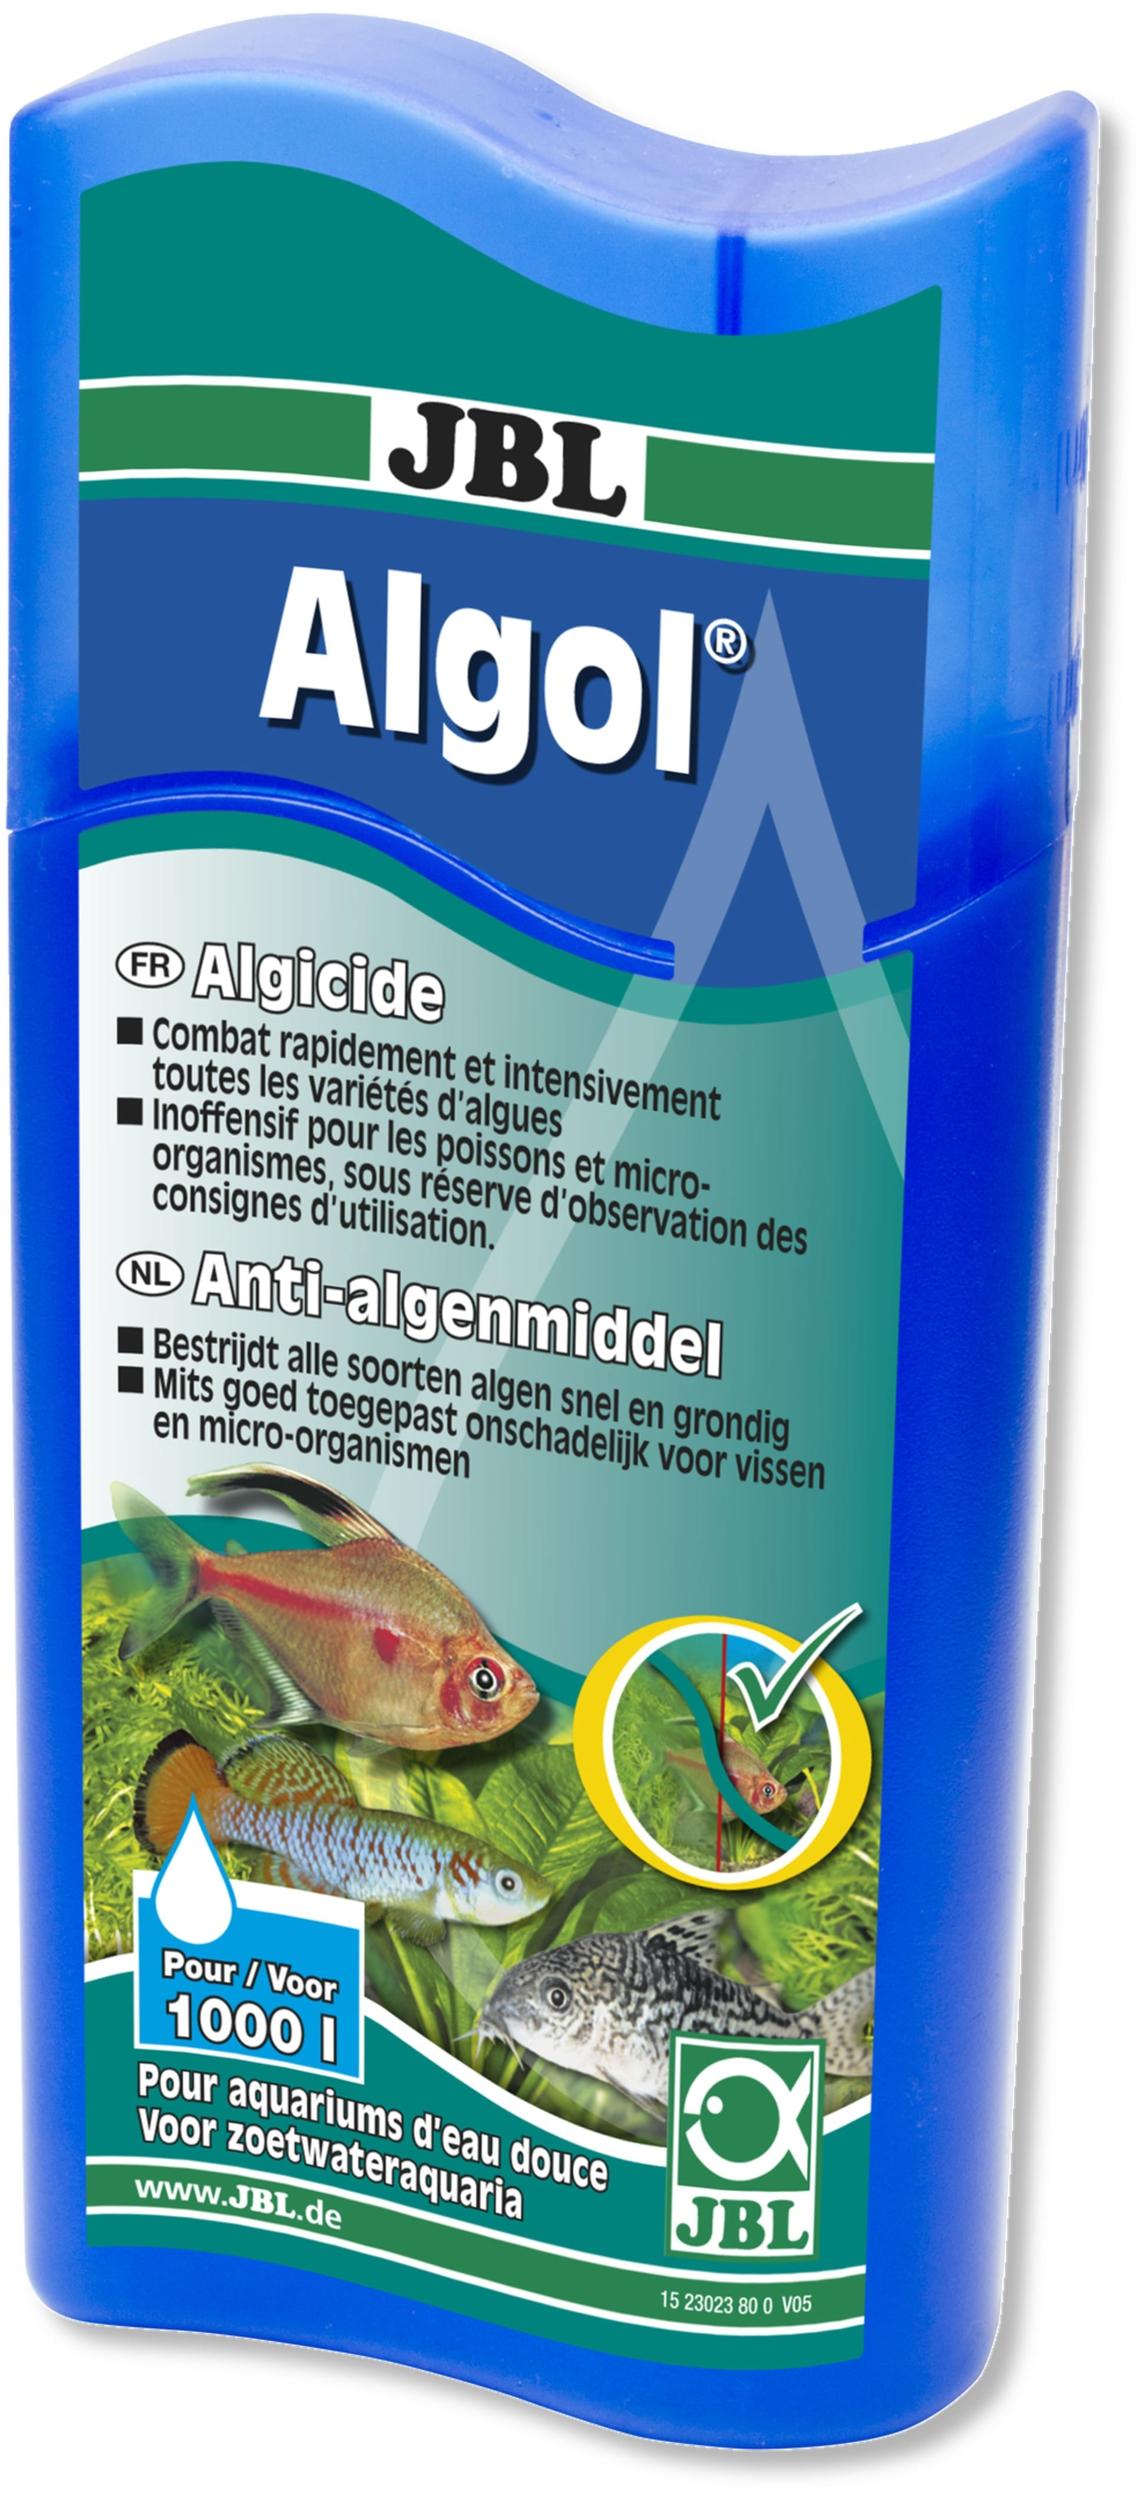 JBL Algol 250 ml résout et régule rapidement les problèmes d\'algues